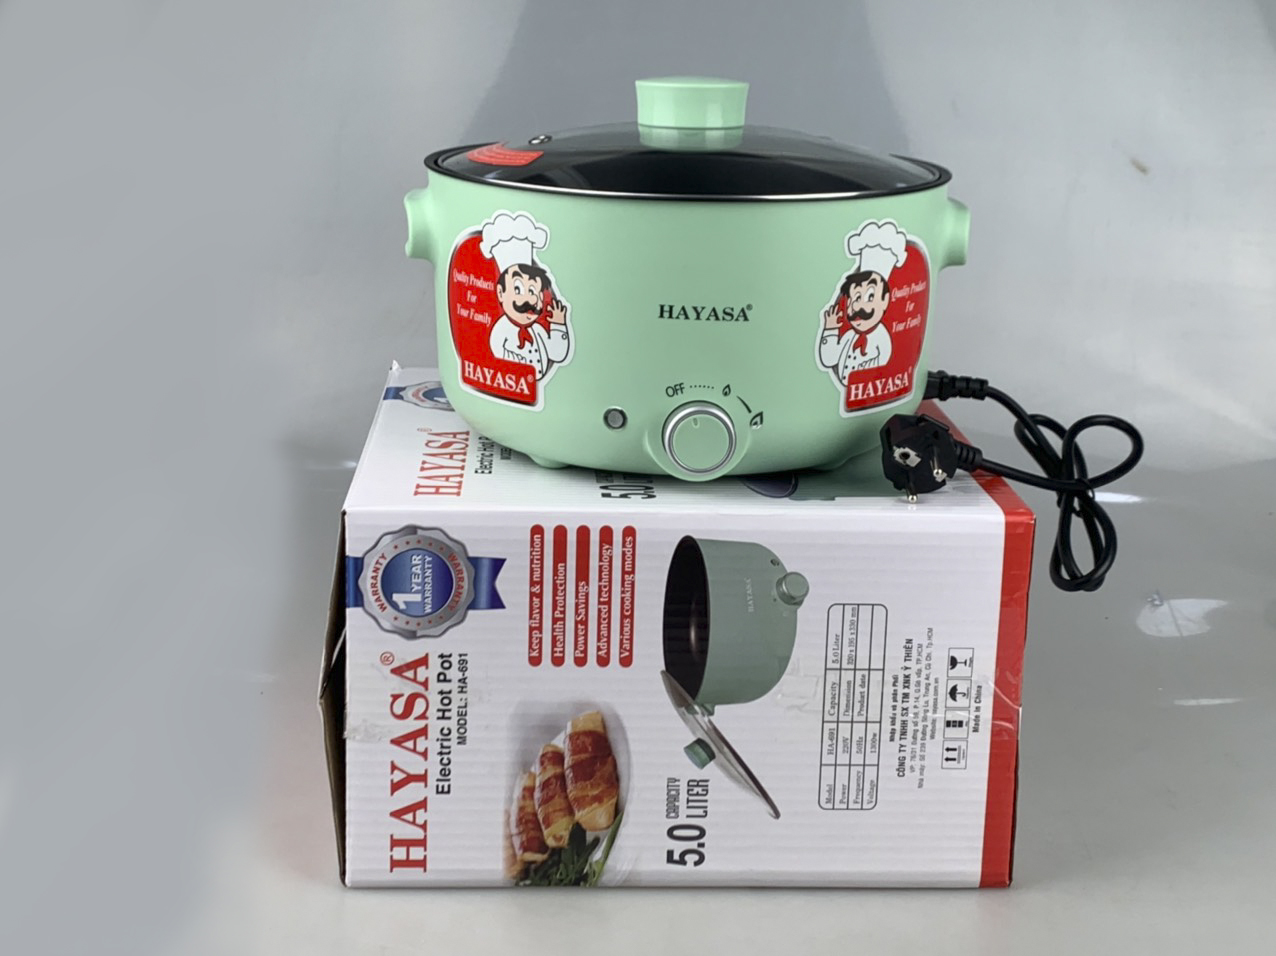 Nồi Lẩu Điện 5L Hayasa Ha-691 Đa Năng Chống Dính Công Suất 1300W Nấu Lẩu,Nấu Mì,Chiên,Xào,Nấu Thức Ăn-Hàng Chính Hãng